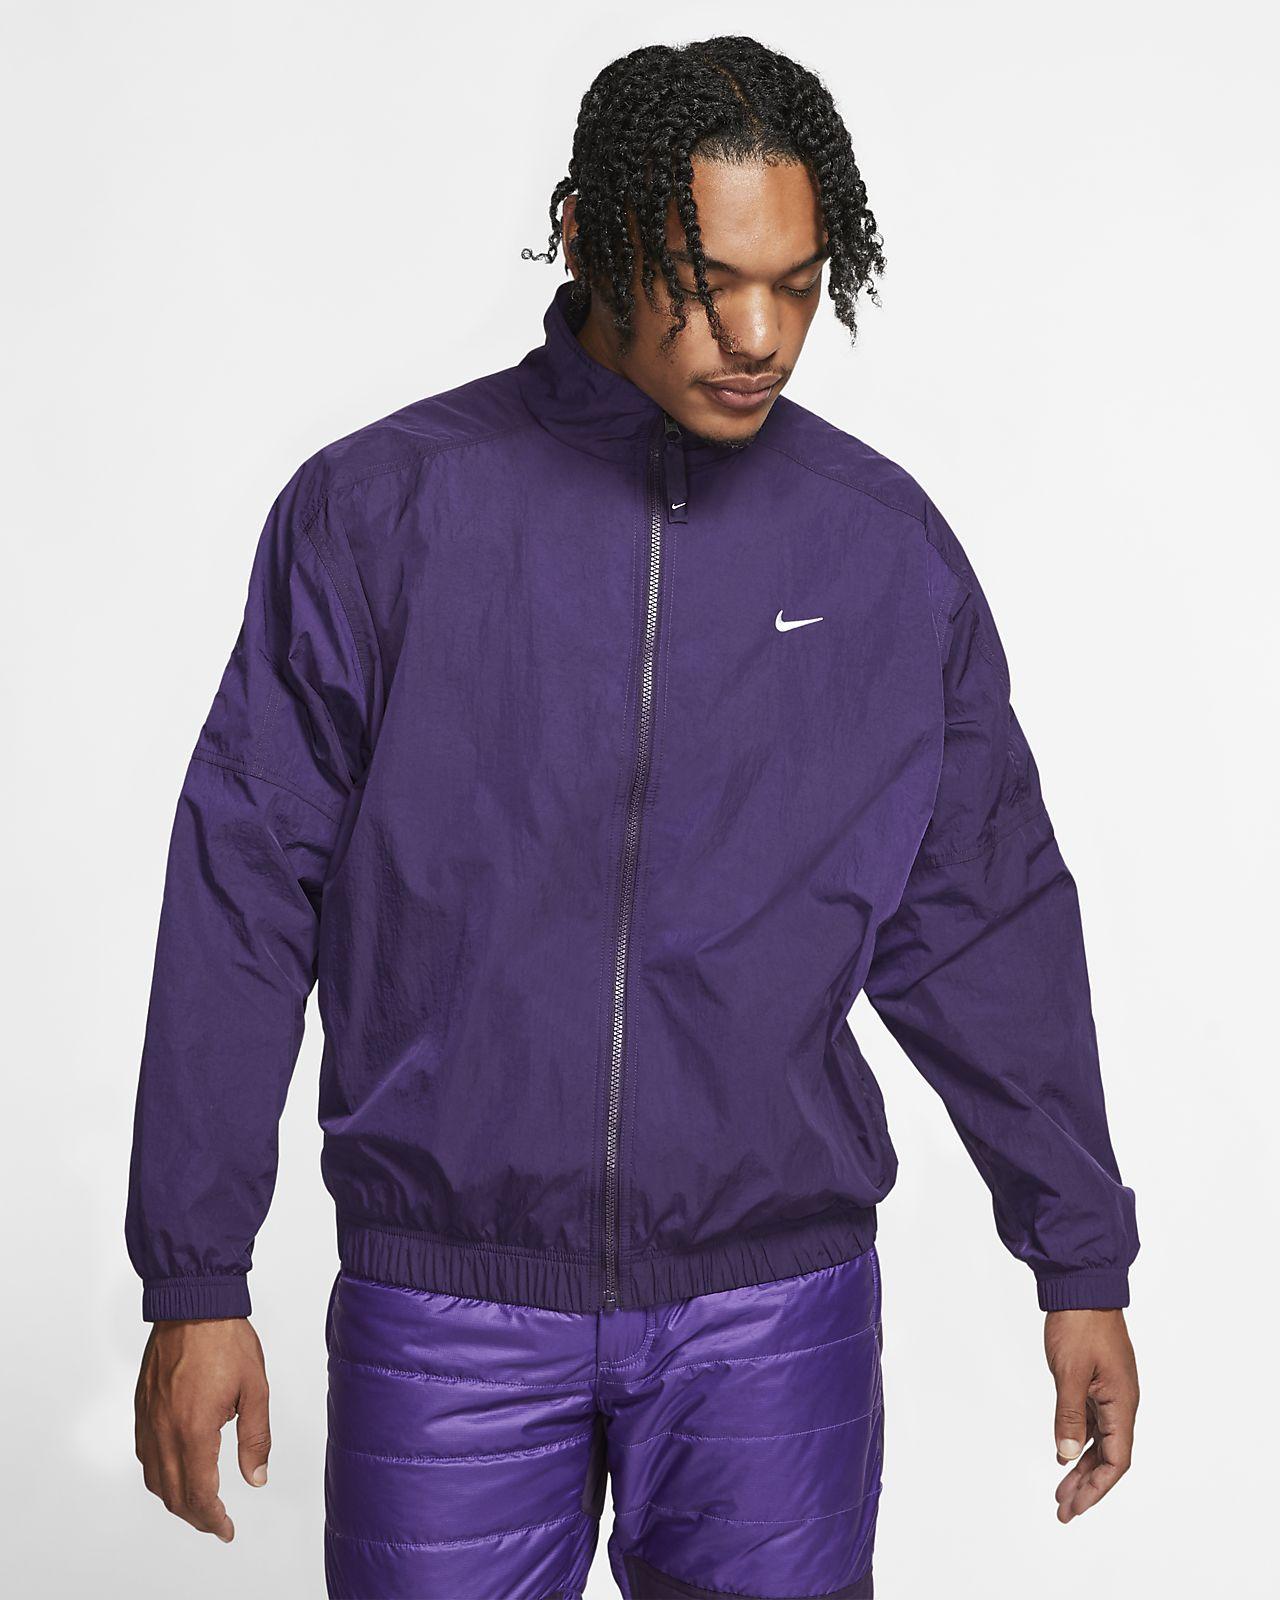 Pánská atletická bunda NikeLab